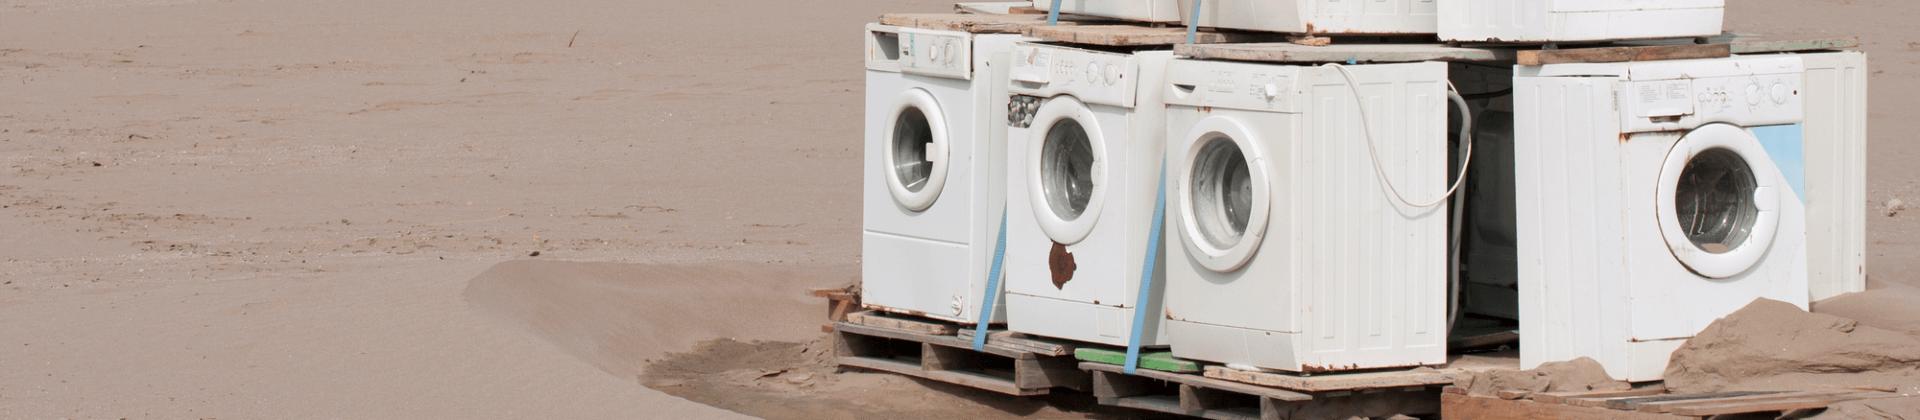 Утилизация стиральных машин с вывозом